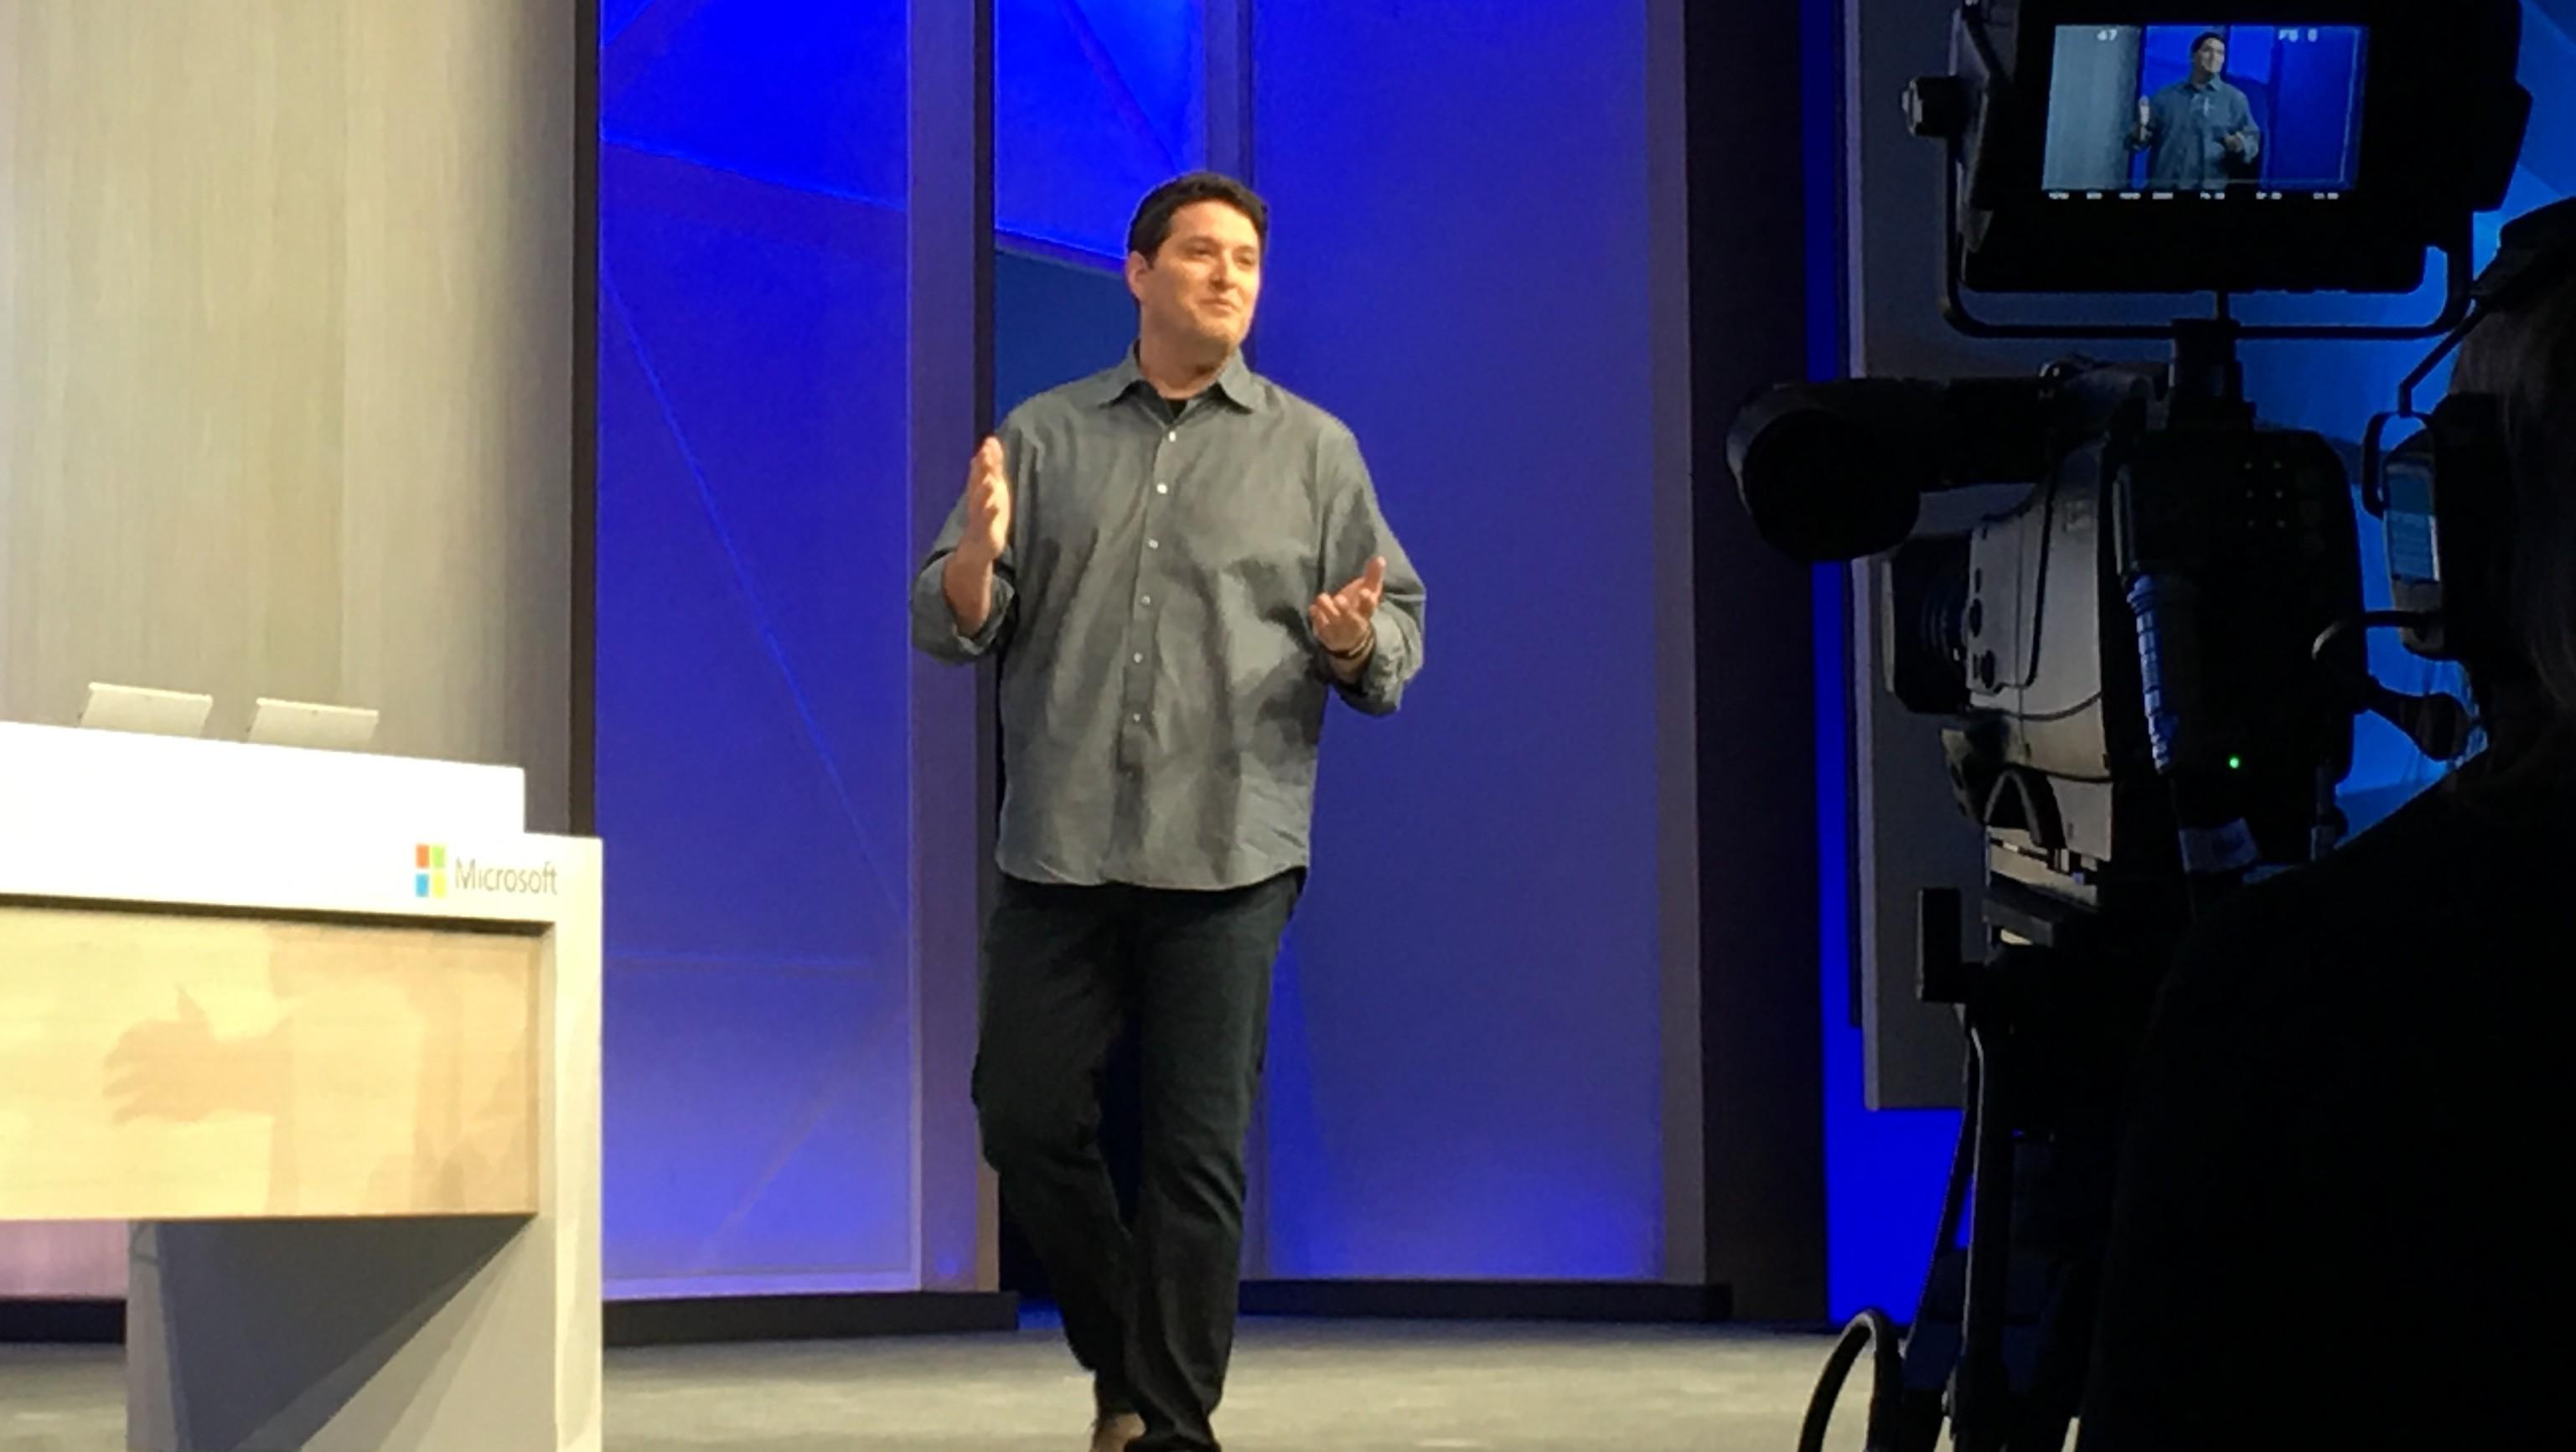 Microsoft avslørte at det kommer en større Windows 10-oppdatering gratis i løpet av sommeren.